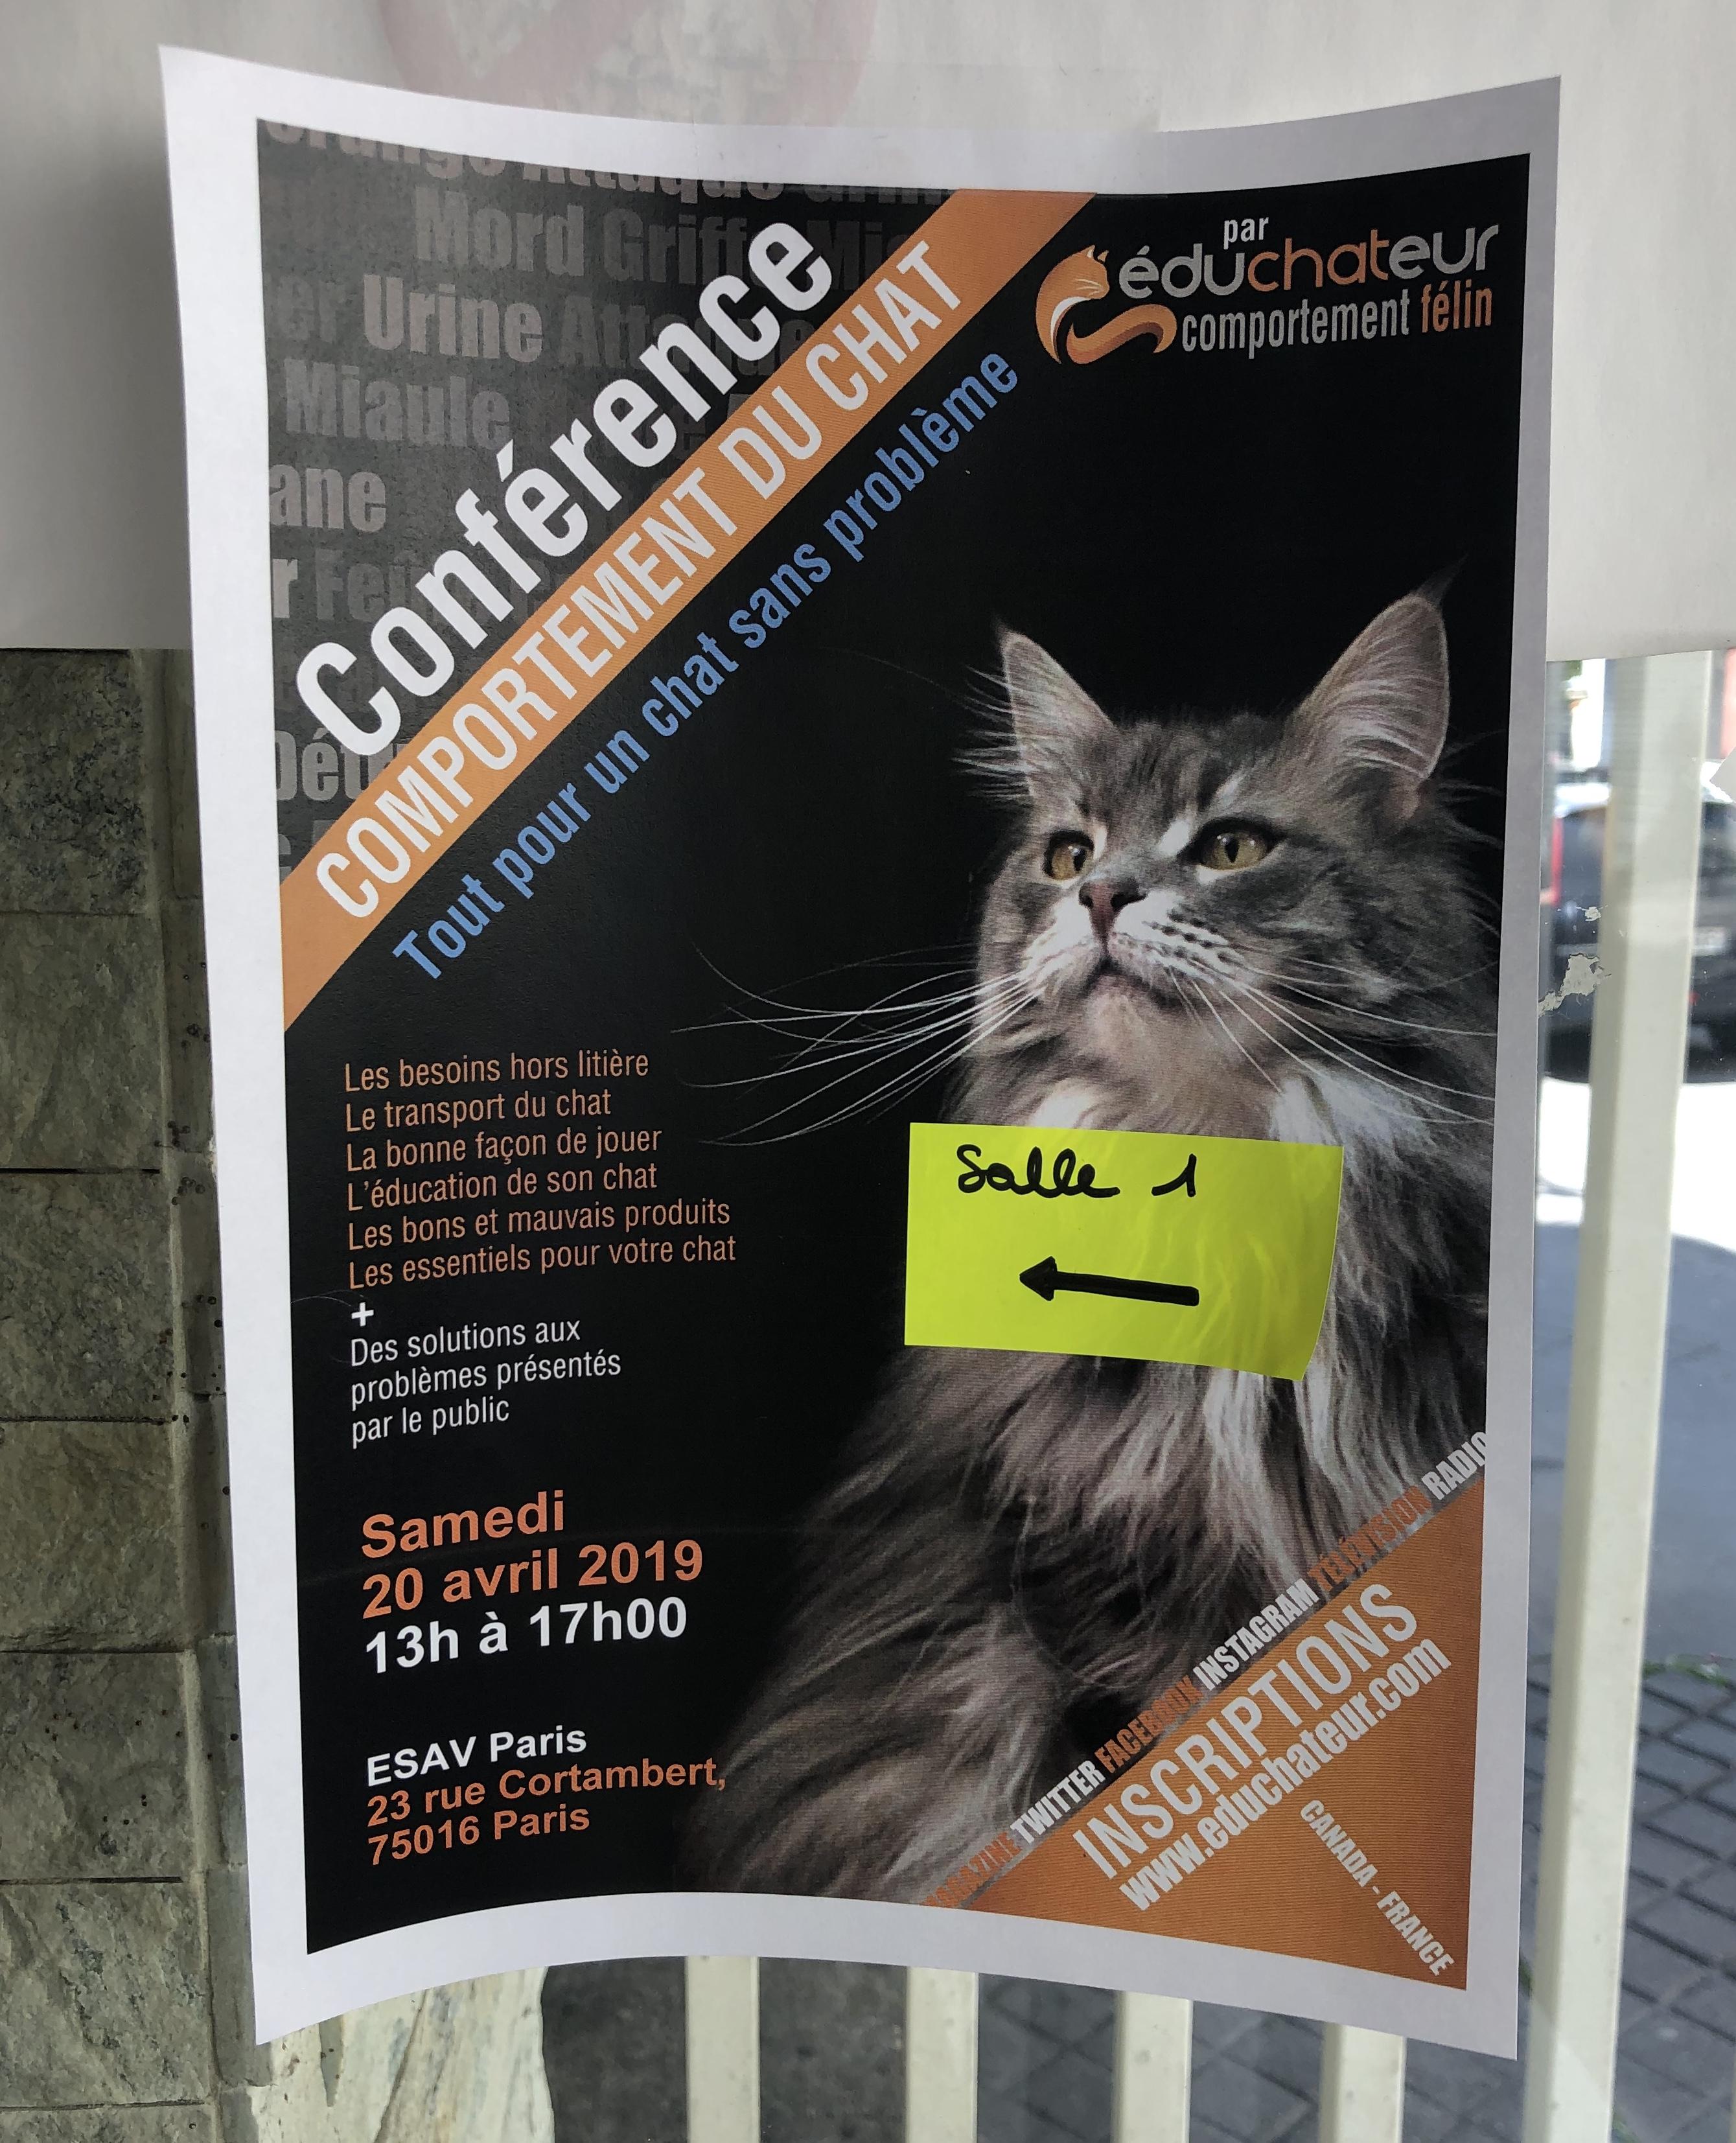 Conférence Educhateur